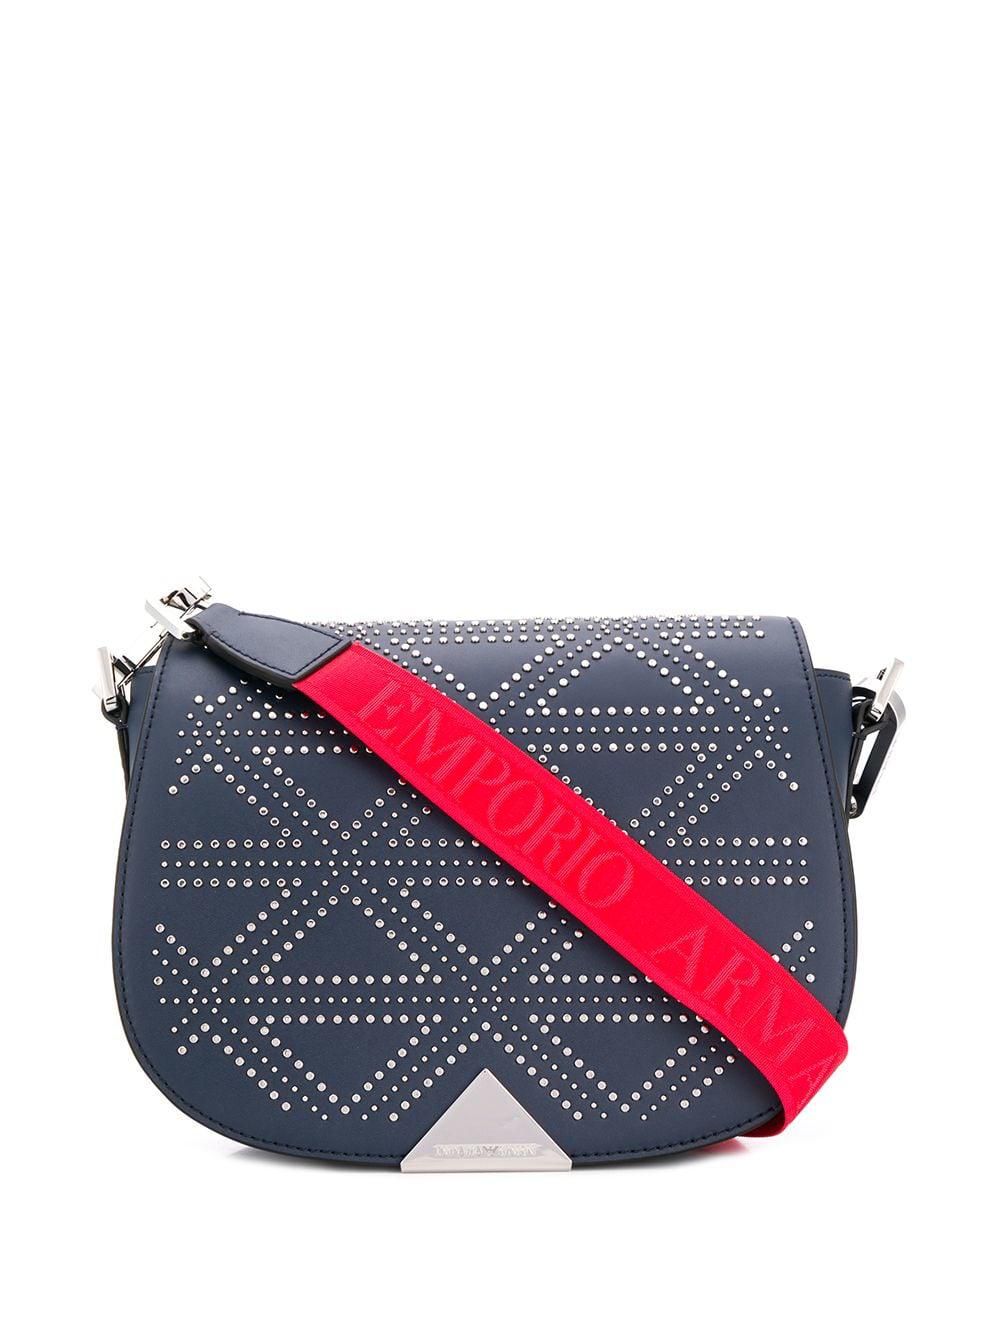 Emporio Armani Studded Shoulder Bag - Blue  9d9348c3524c0